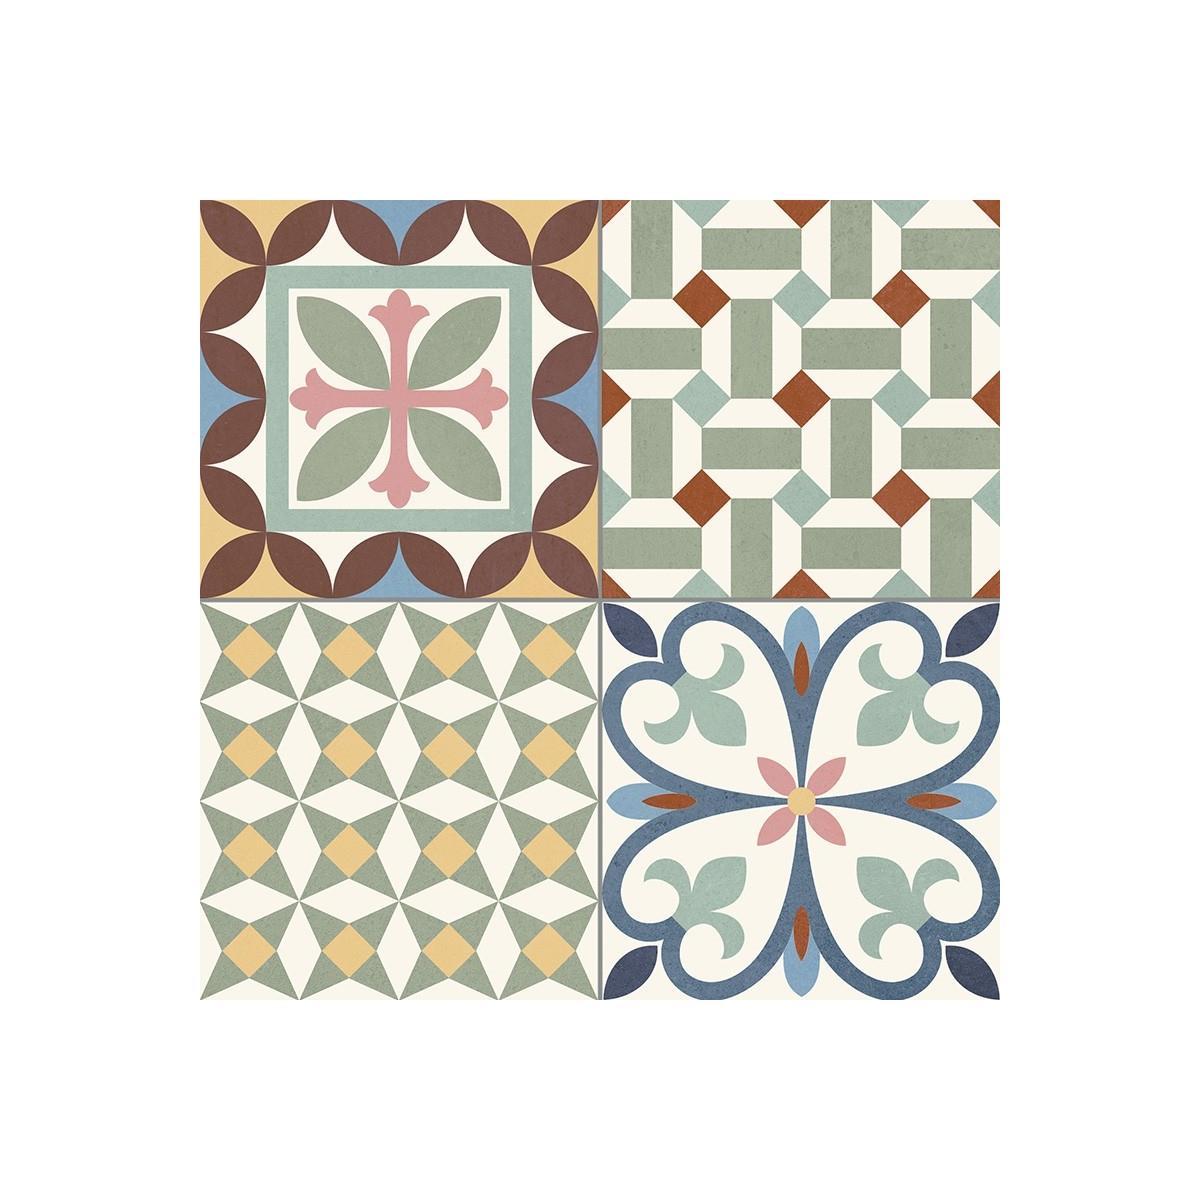 Heritage Mix (Caja de 1,32 m2) Pavimento porcelánico imitación hidráulico Gaya Fores S.L.